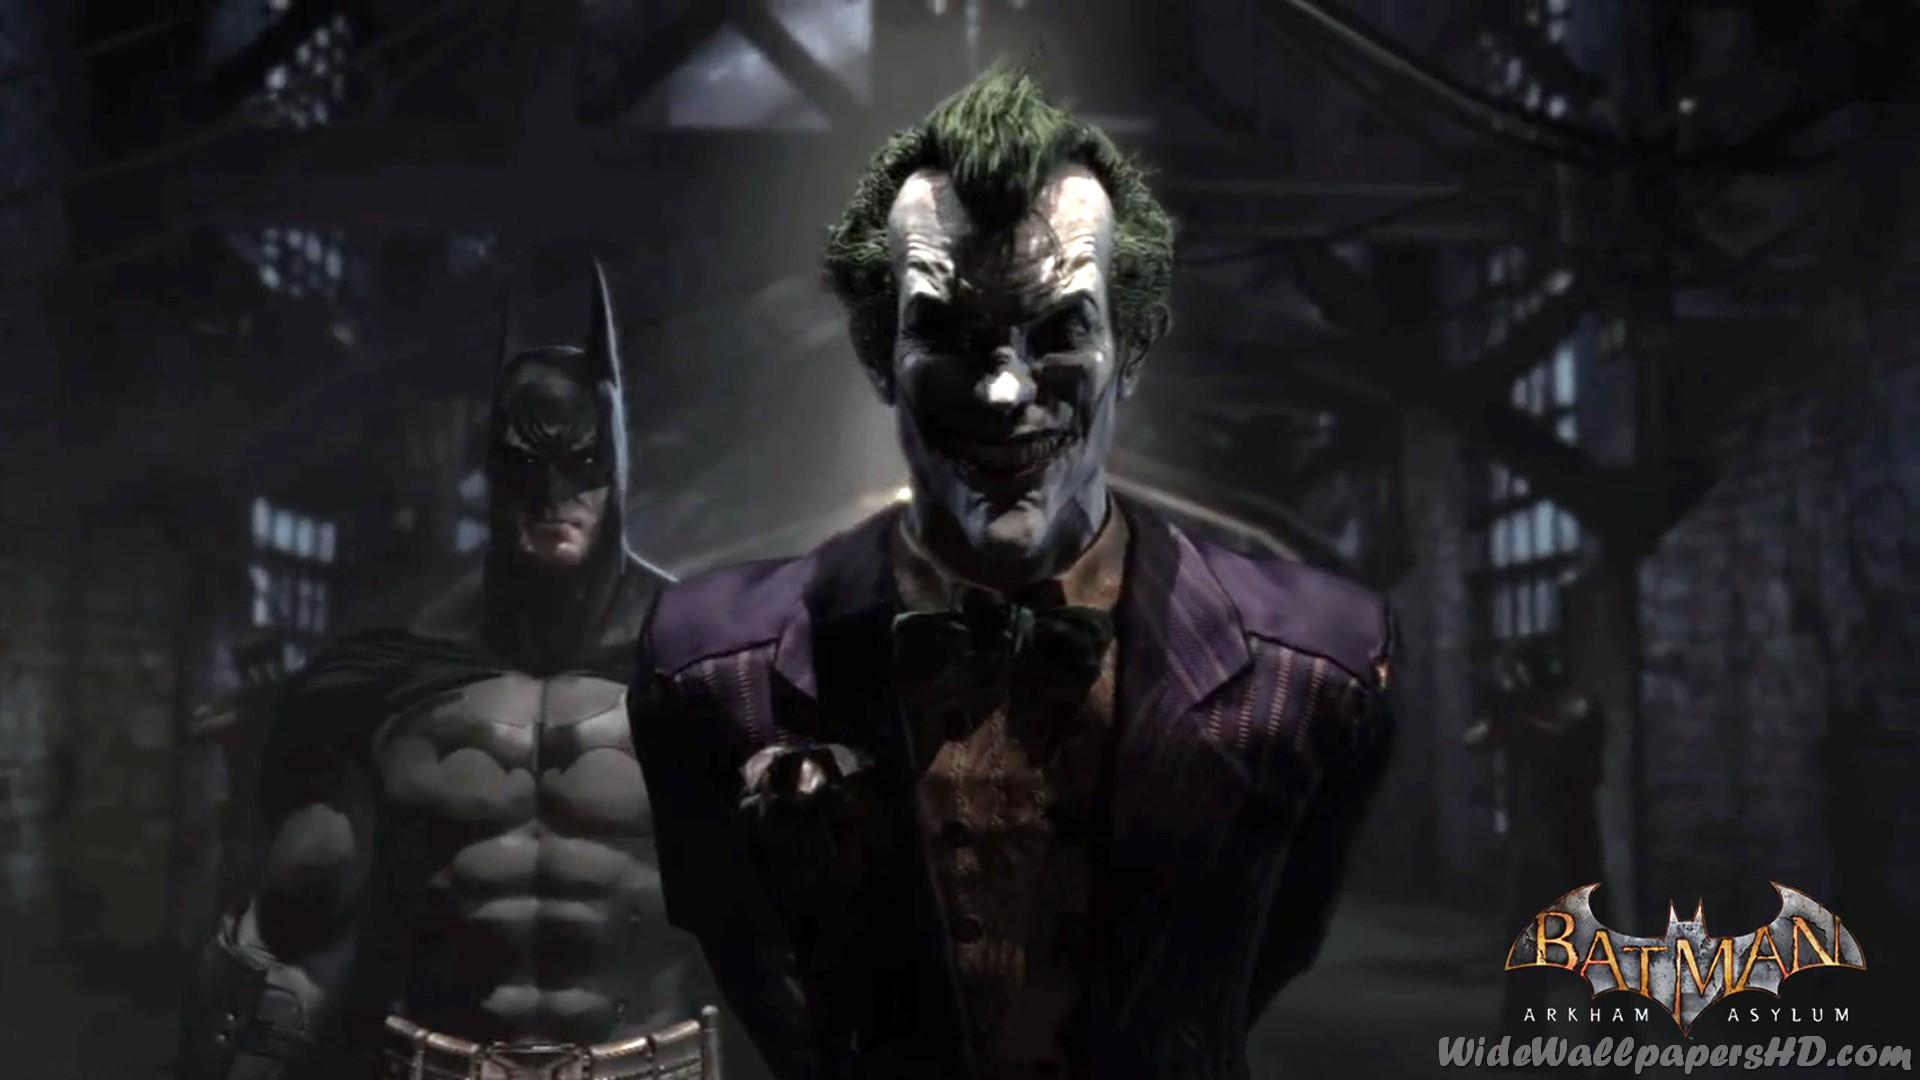 arkham asylum 28 99 batman deber entregar al joker en el arkham 1920x1080